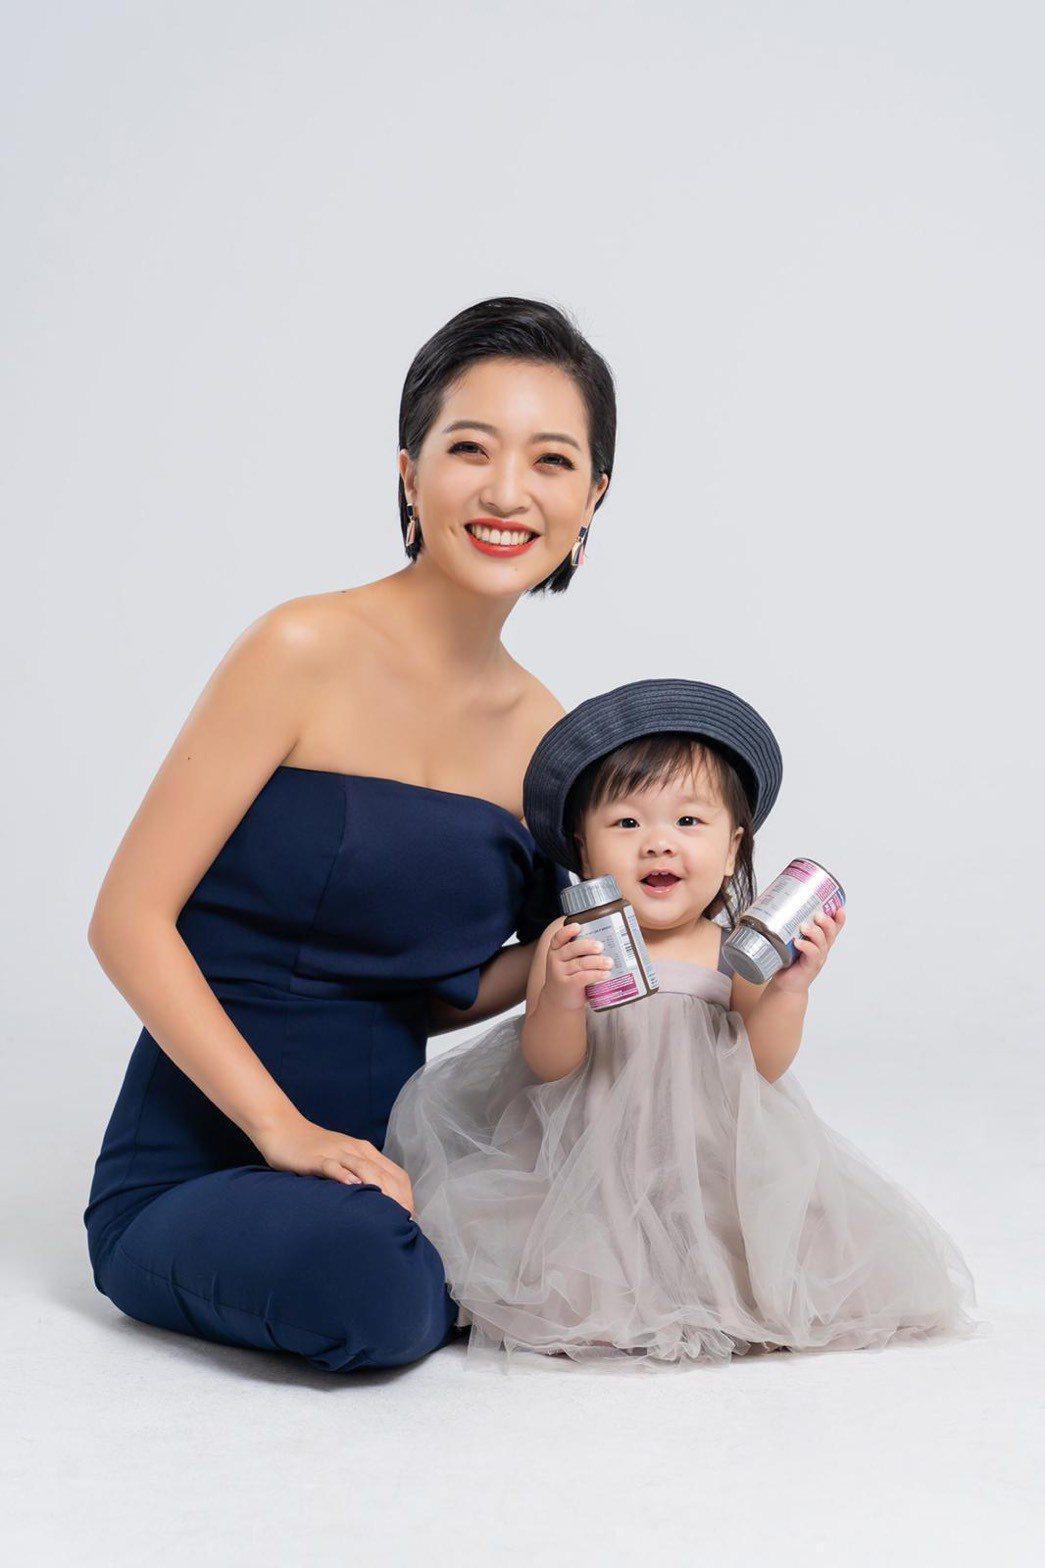 貝童彤與帕皮母女聯手拍廣告。圖/星恆娛樂提供